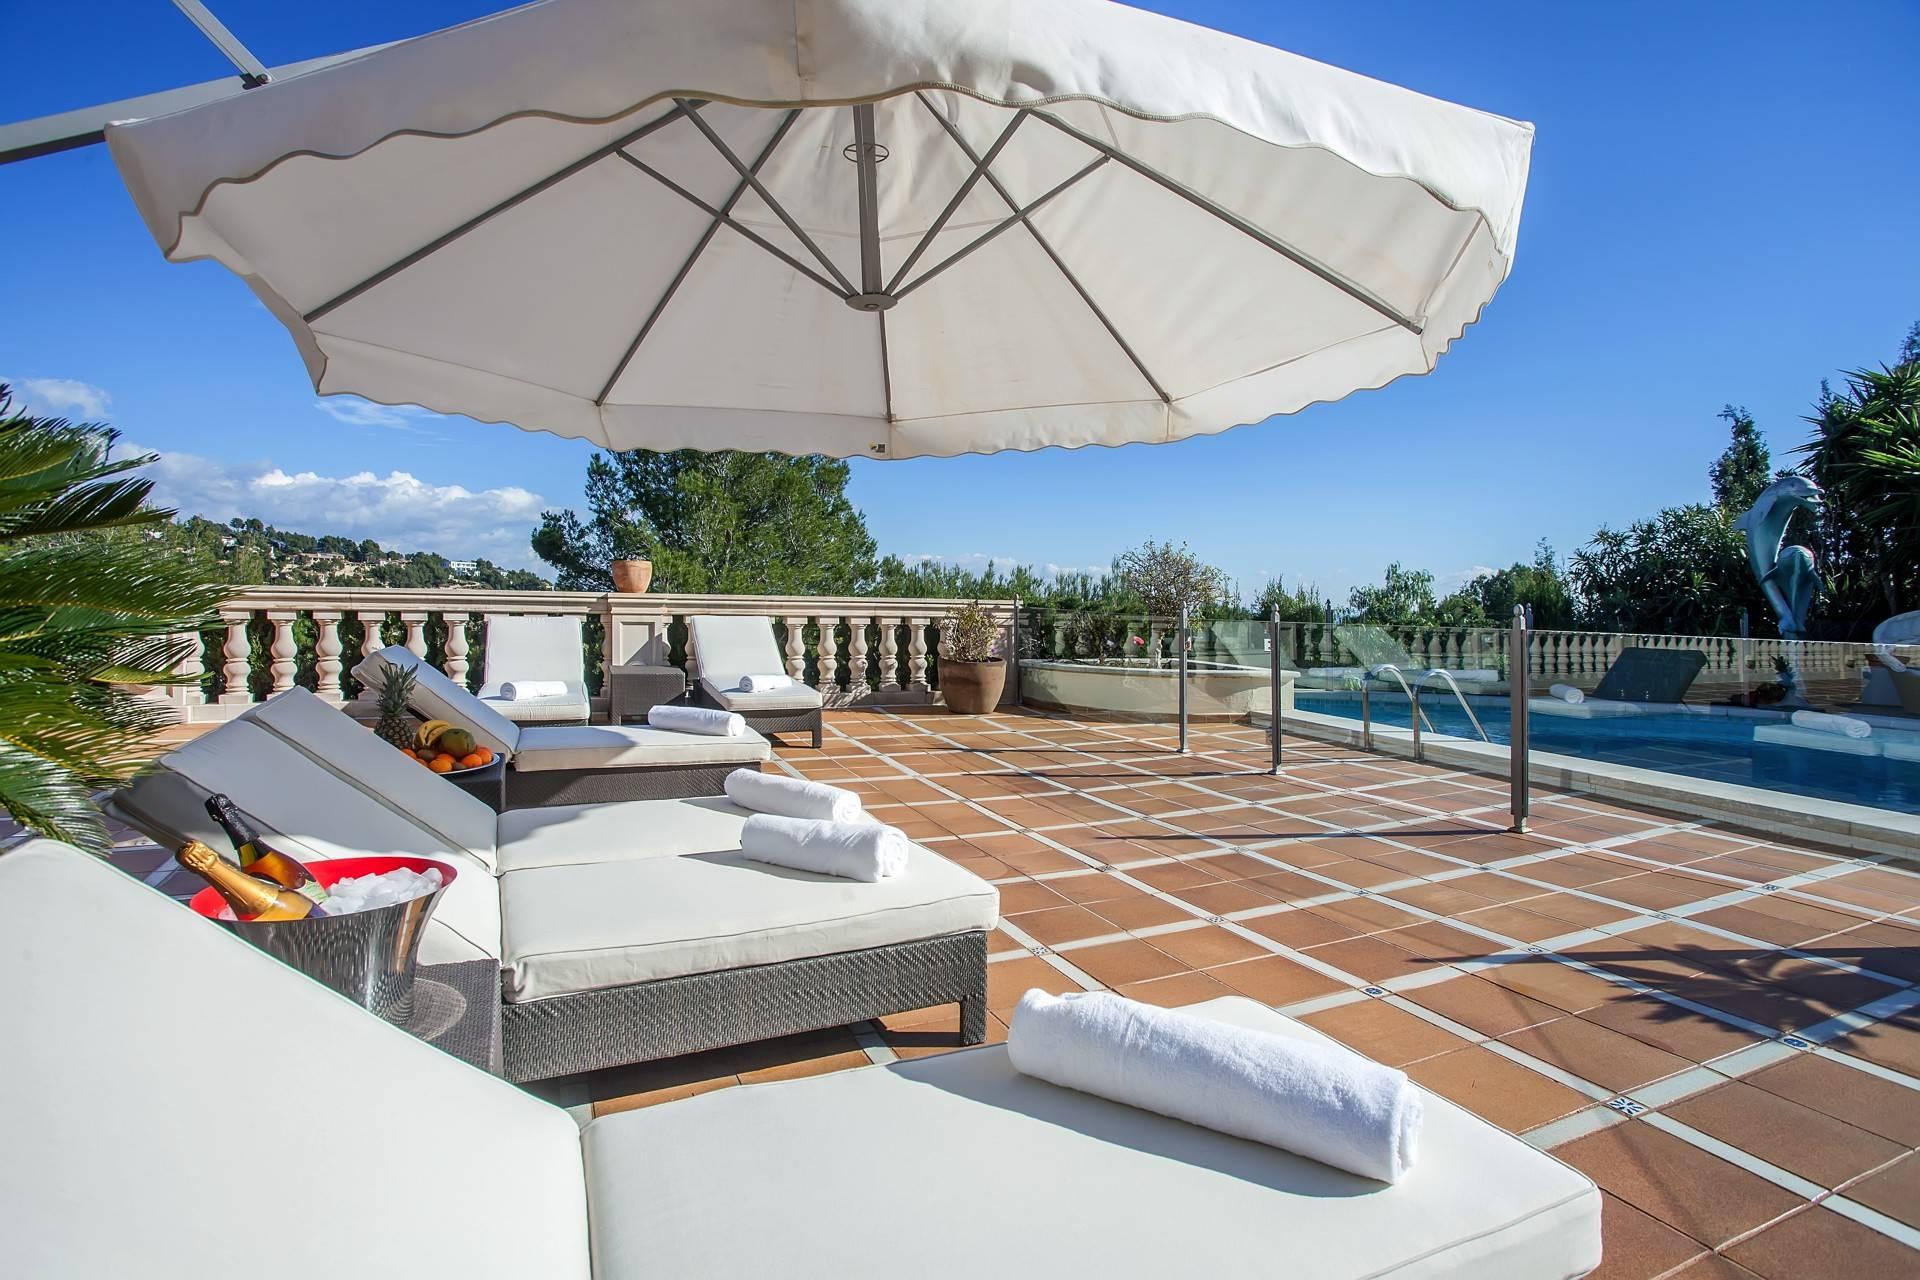 01-251 Extravagant villa Mallorca southwest Bild 2